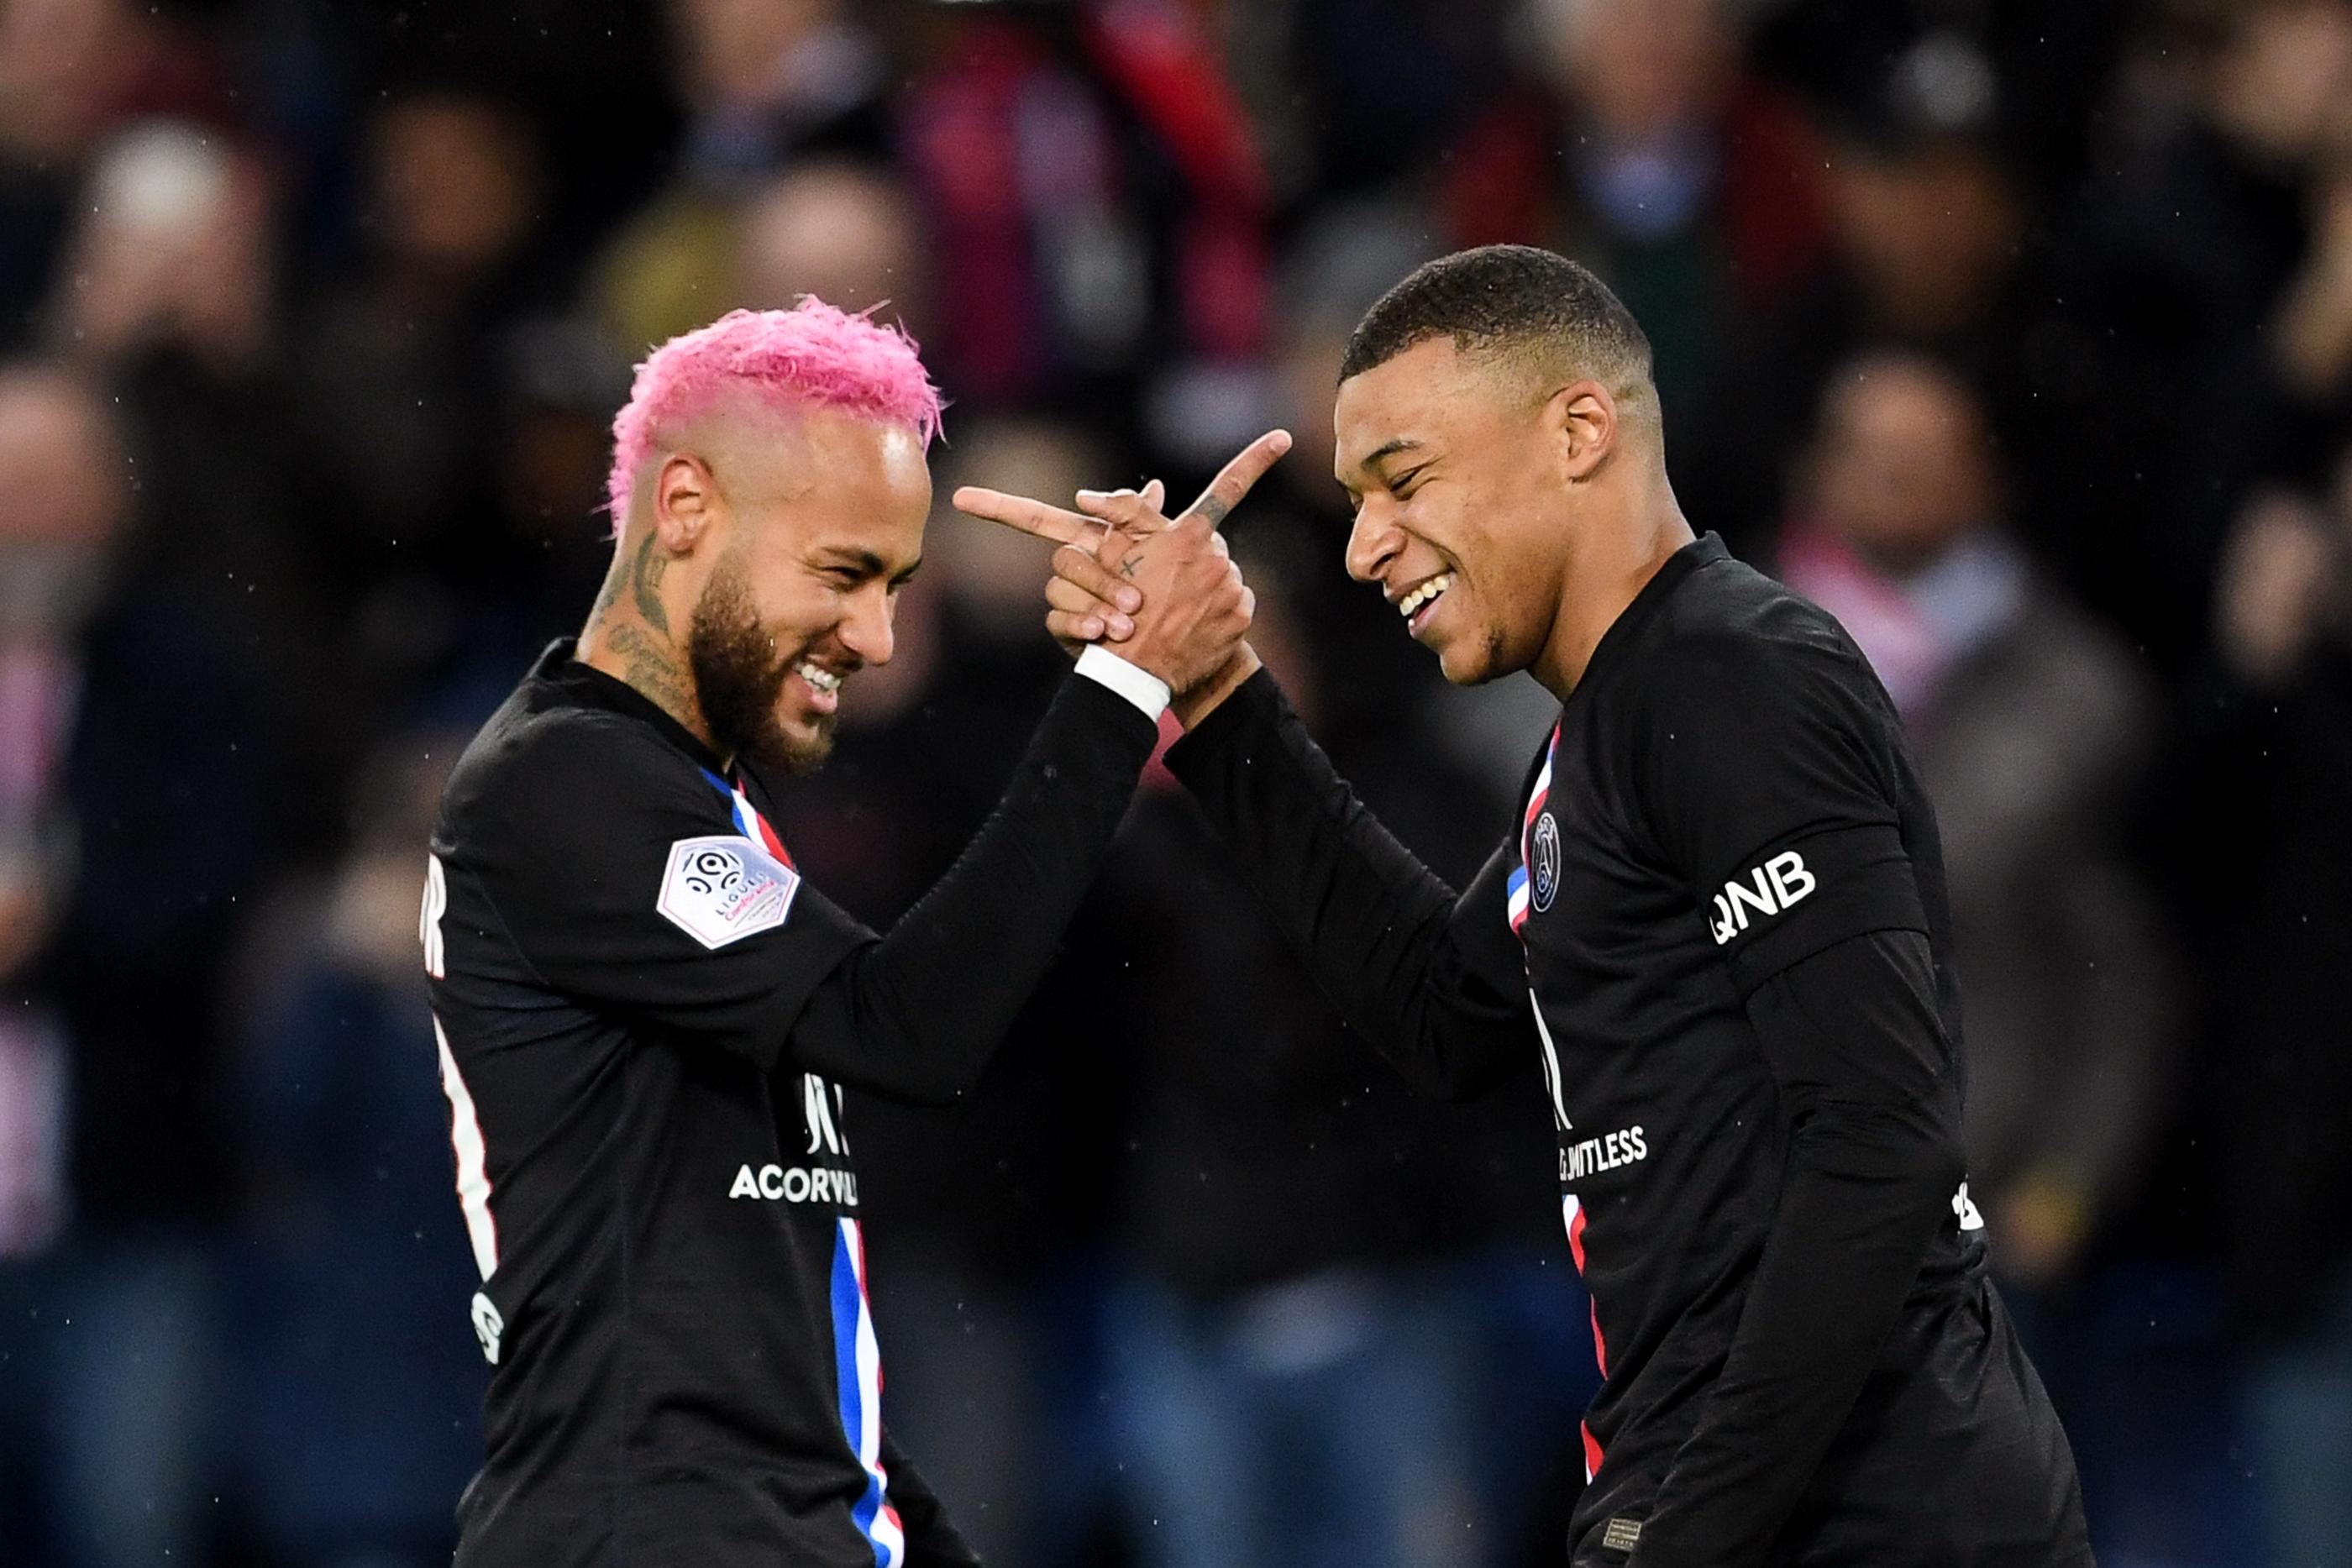 A pink hajú Neymar Kobe Bryant-mezben melegített, aztán adott egy gólpasszt Mbappénak